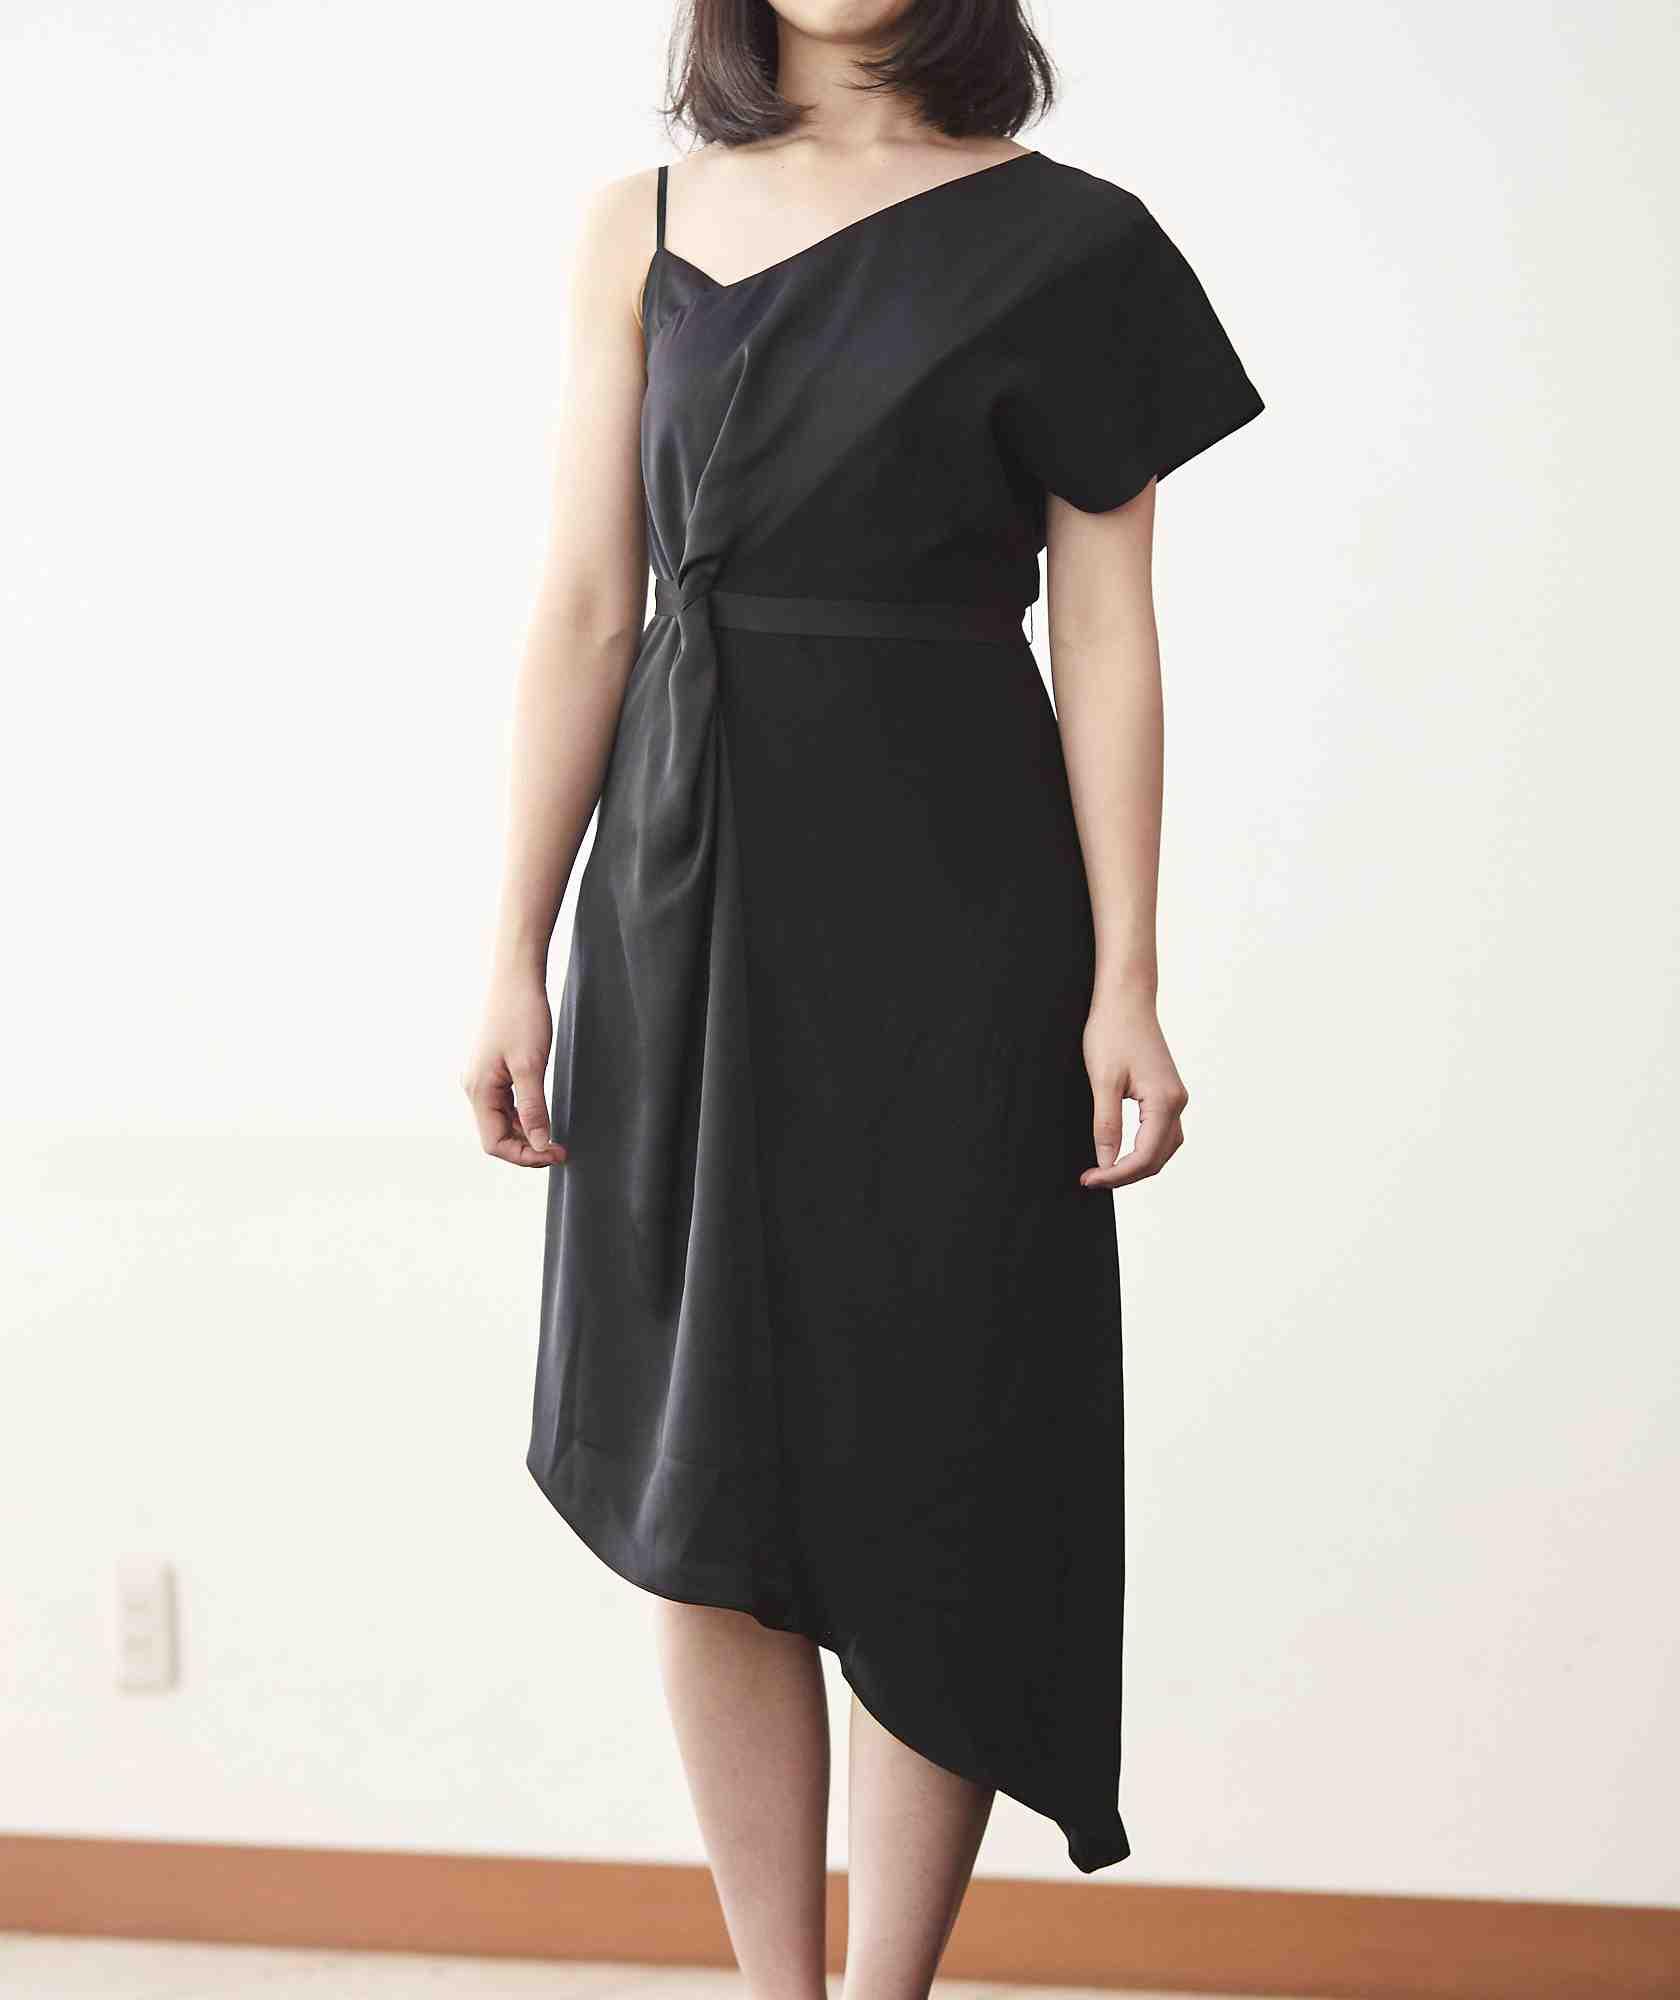 ブラックリストアシンメトリーミディアムドレス-ブラック-S